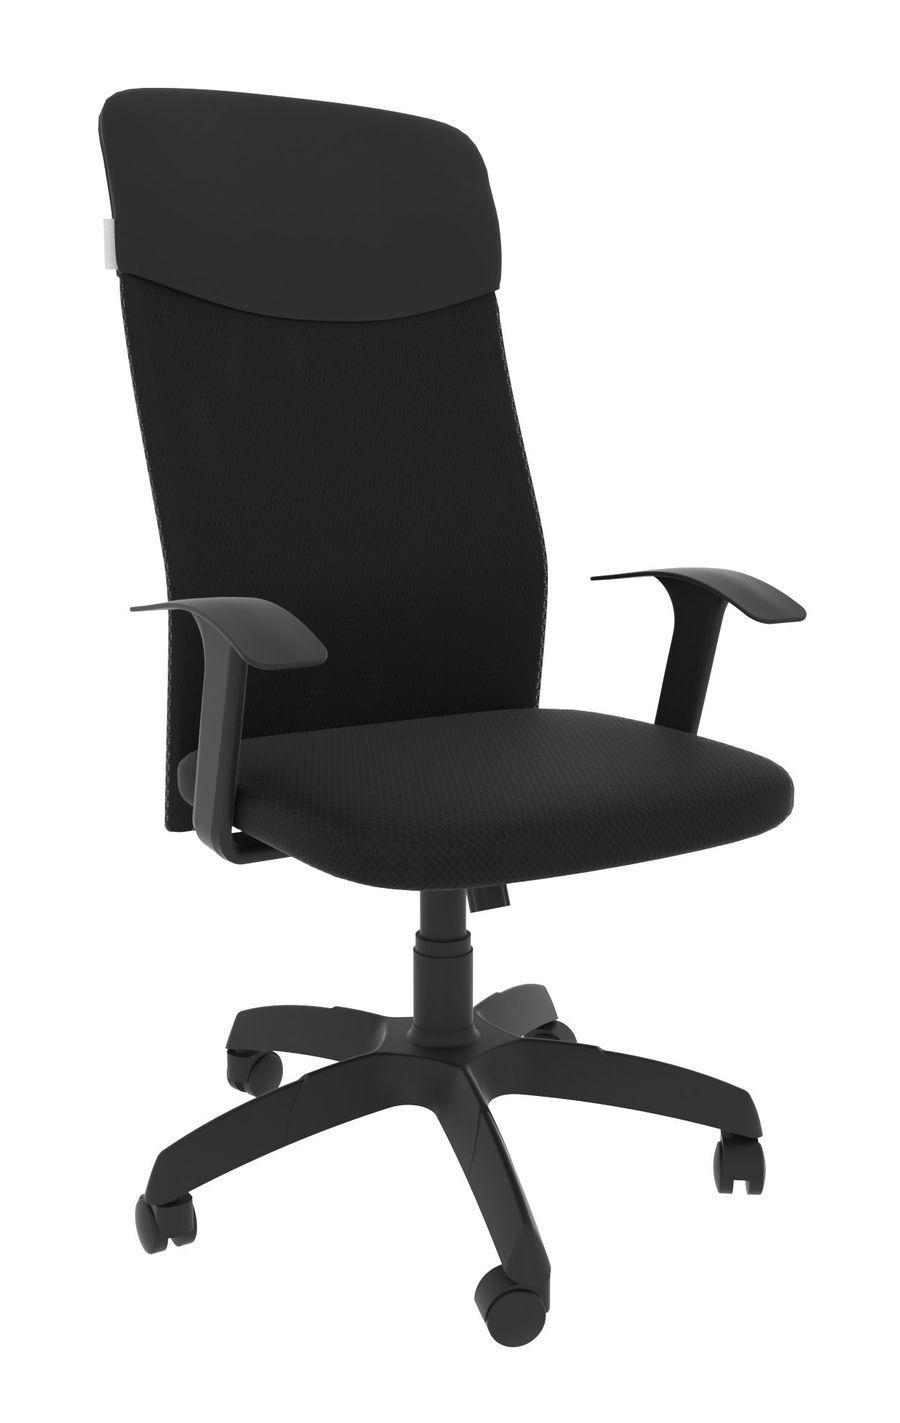 Офисное кресло Leo A black/Ткань сетка чёрная